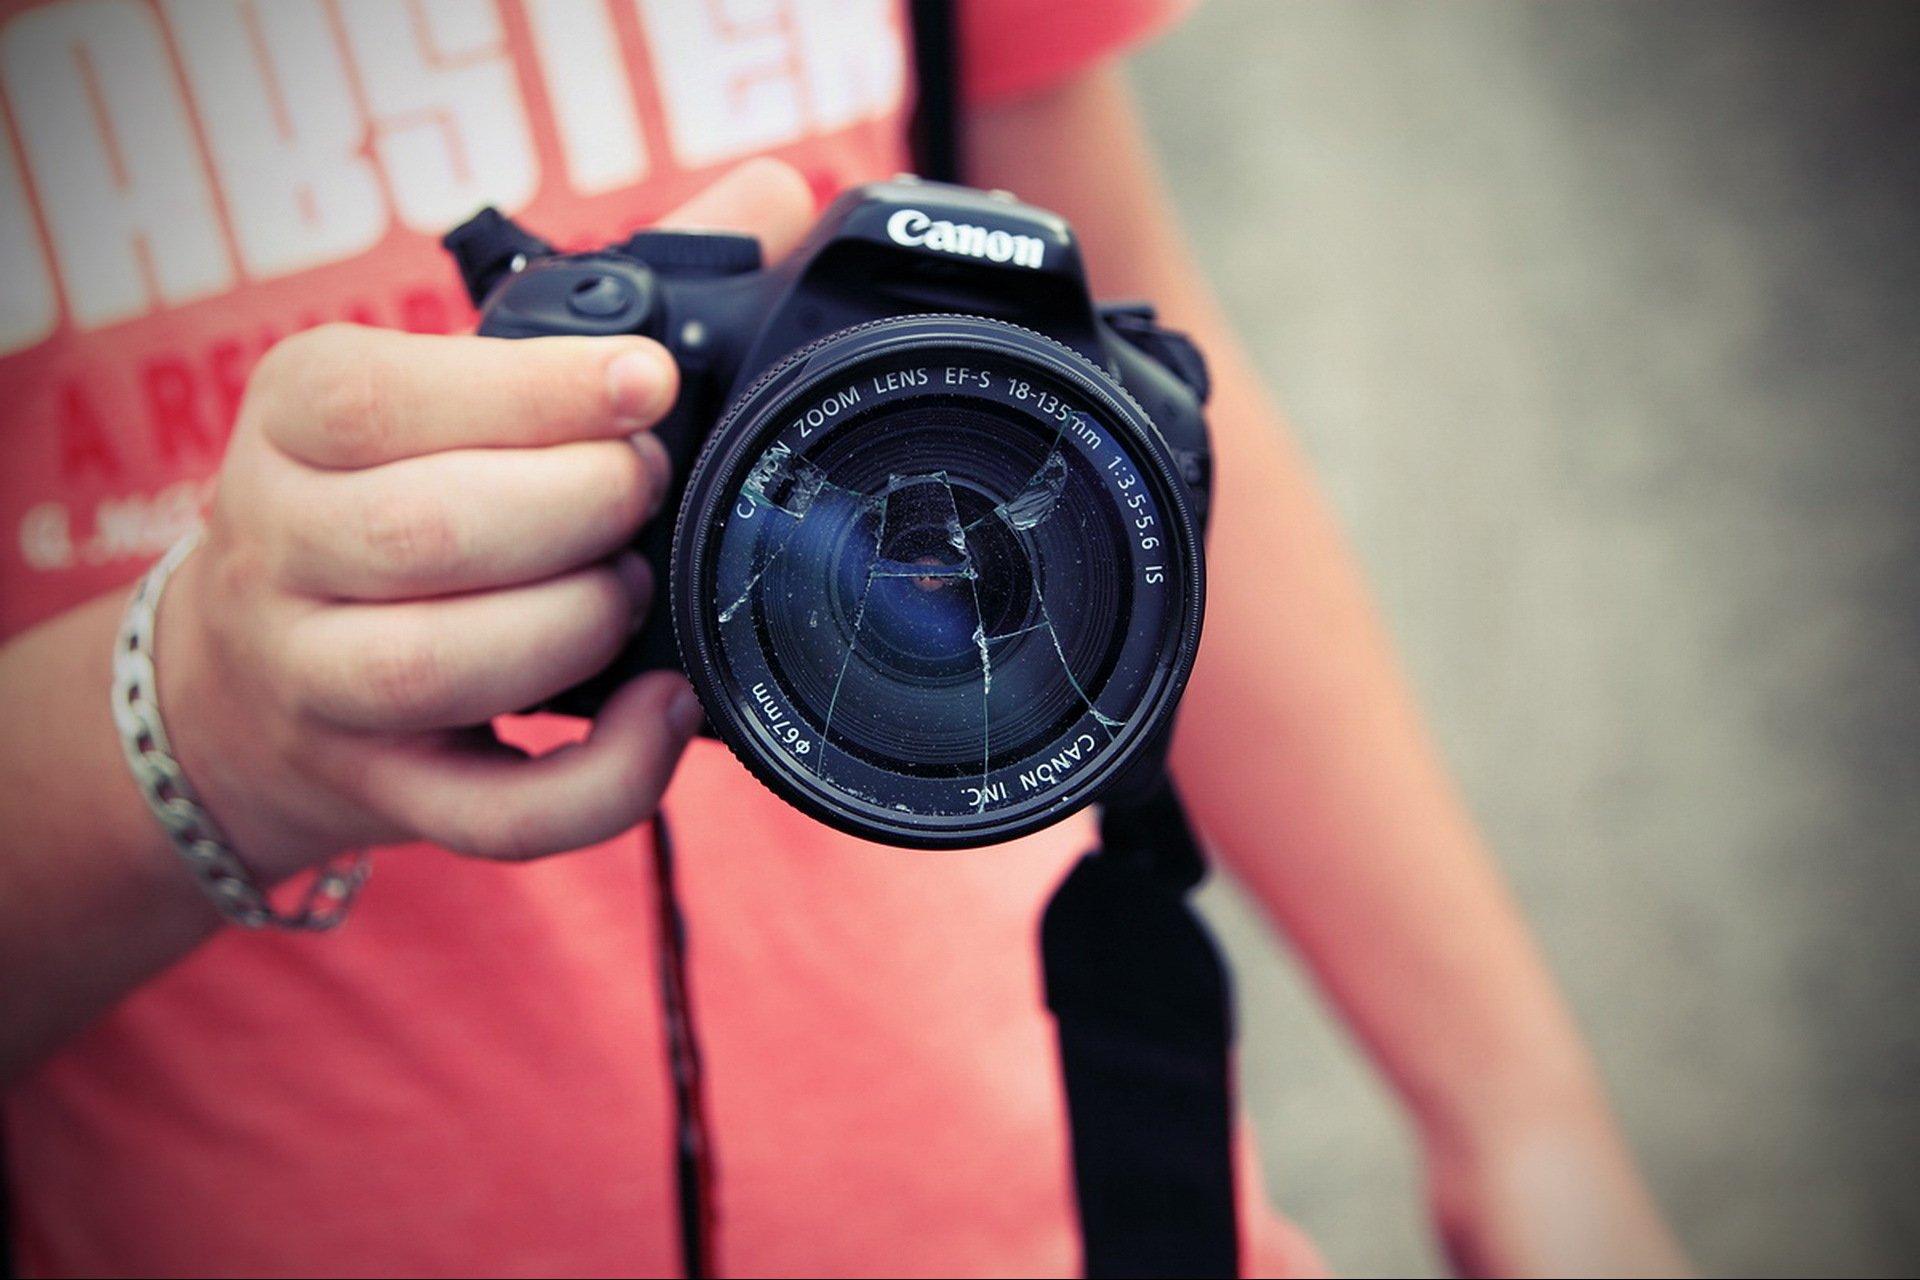 Фотоаппарат пентакс отзывы судак орли